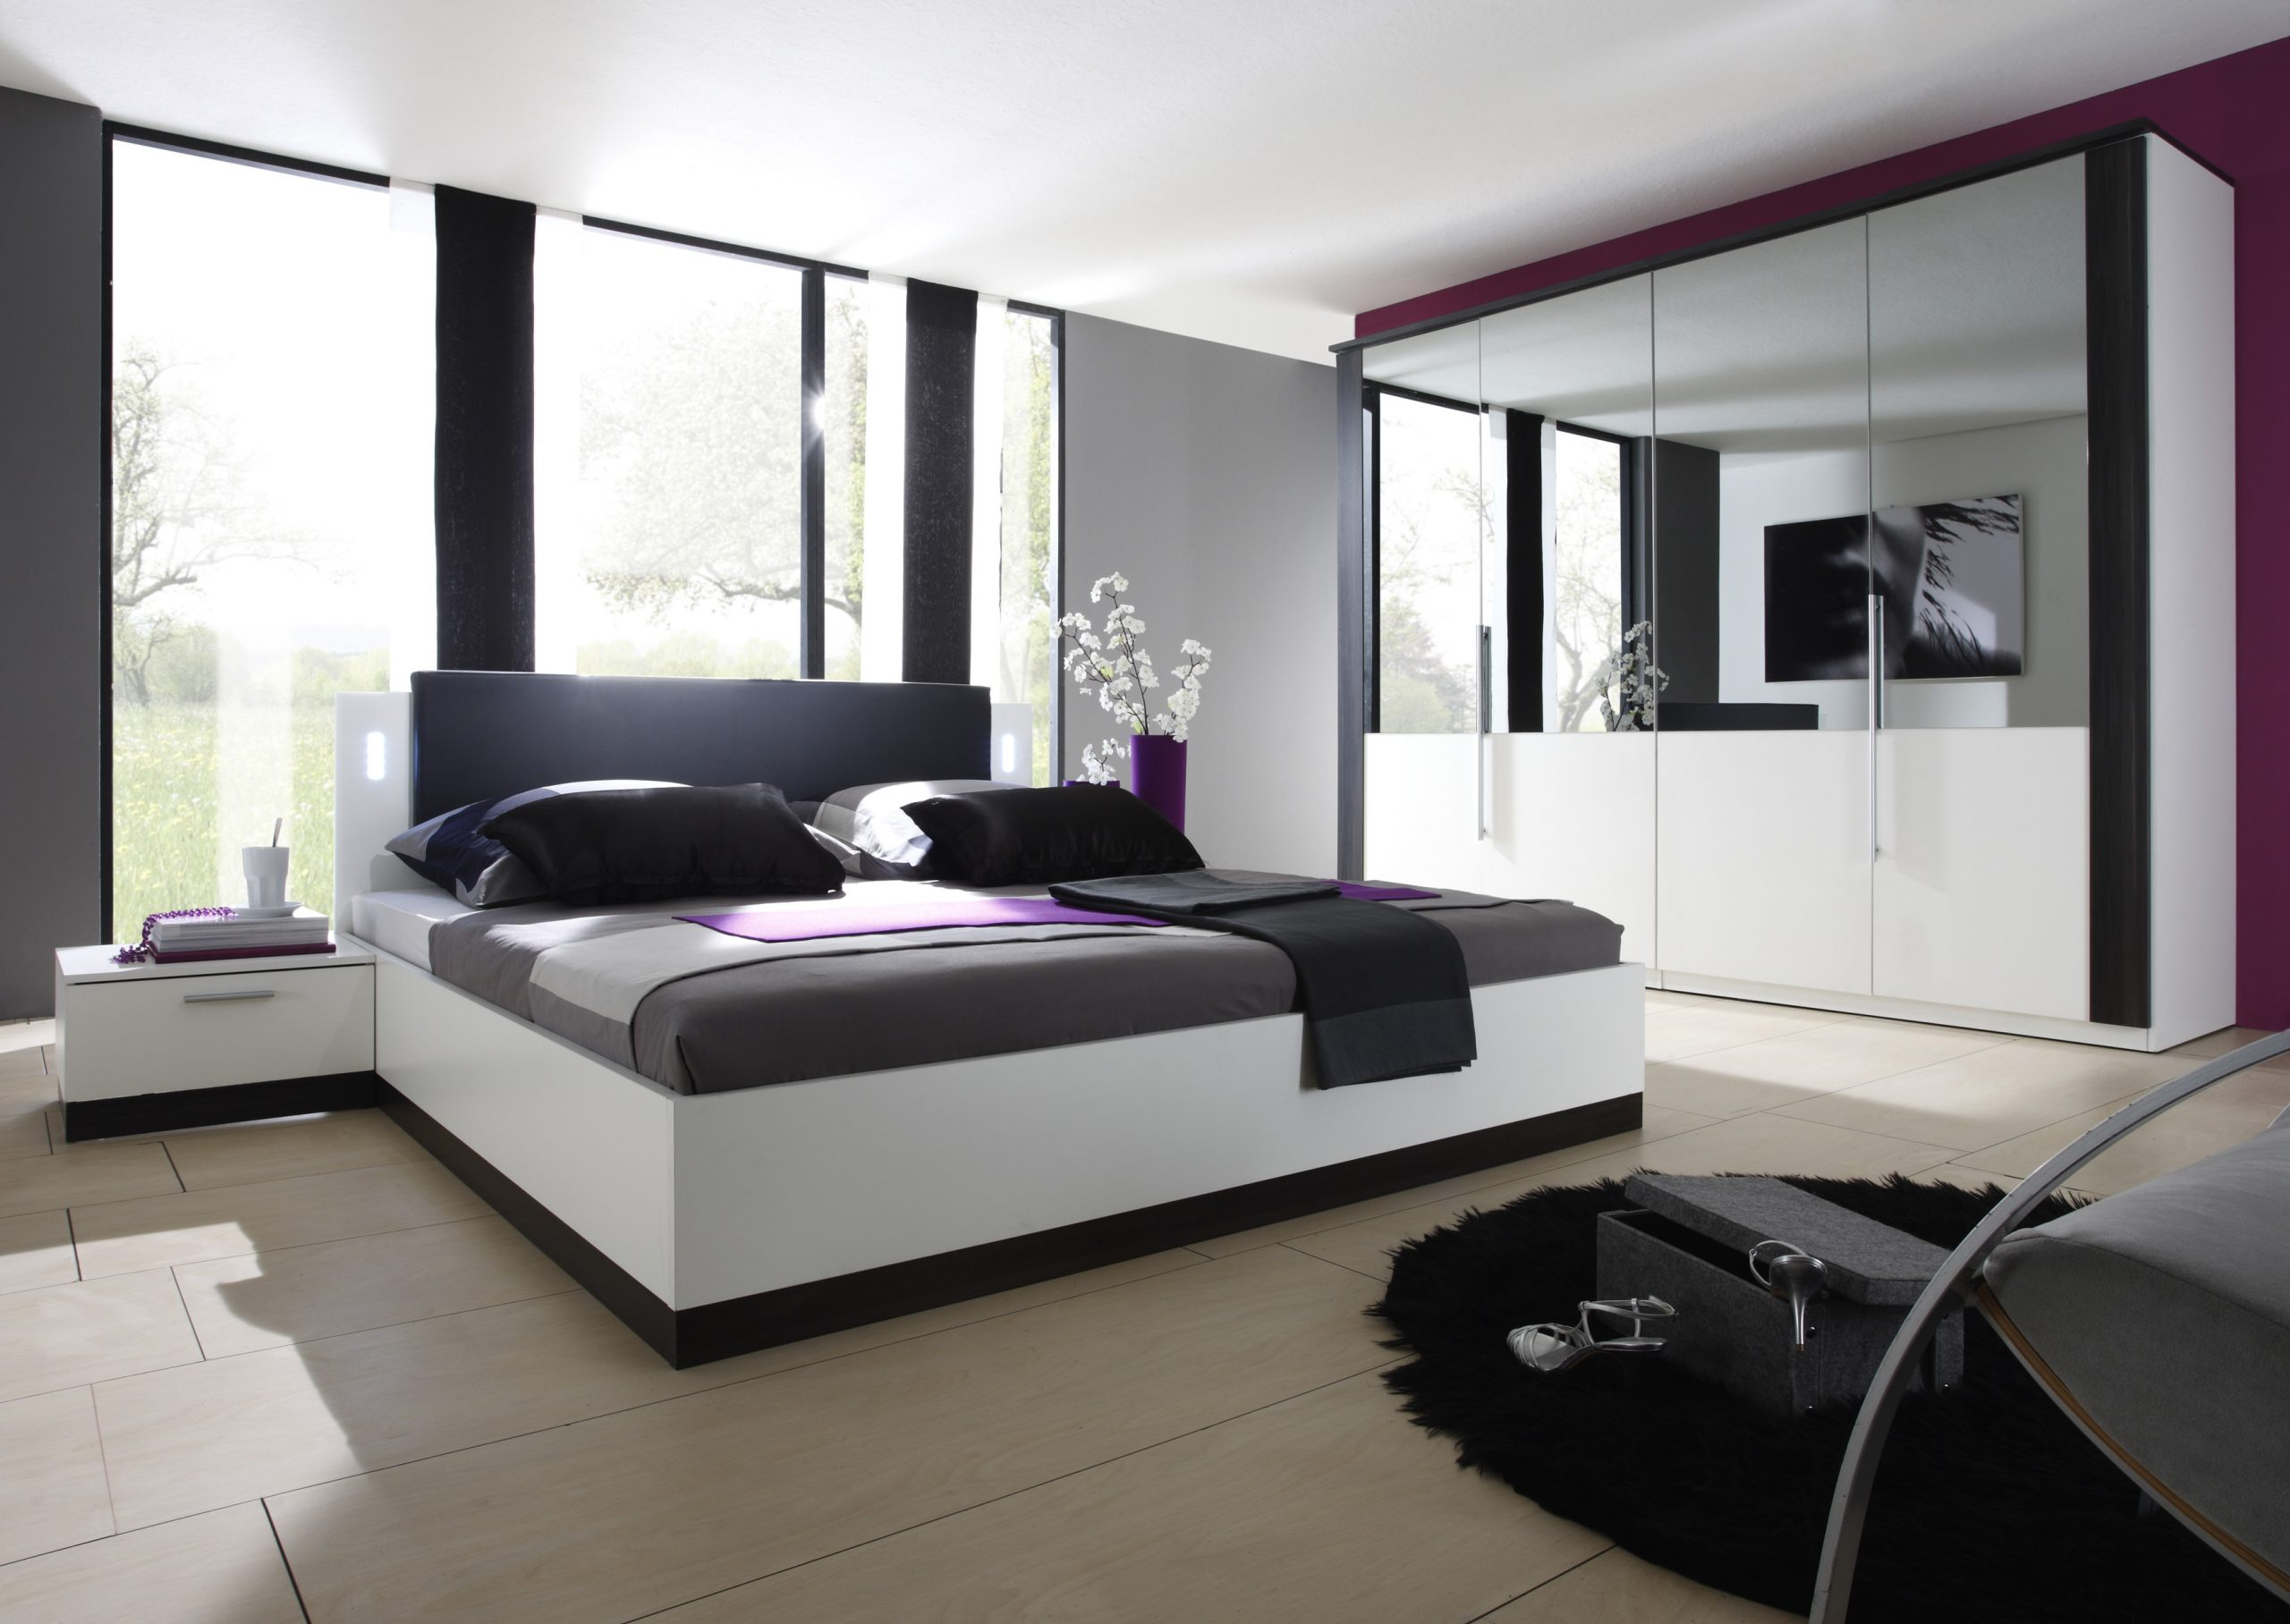 Full Size of Schlafzimmer Komplettangebote Ikea Poco Otto Italienische Deckenleuchten Stuhl Deckenlampe Weißes Vorhänge Luxus Kommode Weiß Wandtattoo Komplett Günstig Schlafzimmer Schlafzimmer Komplettangebote